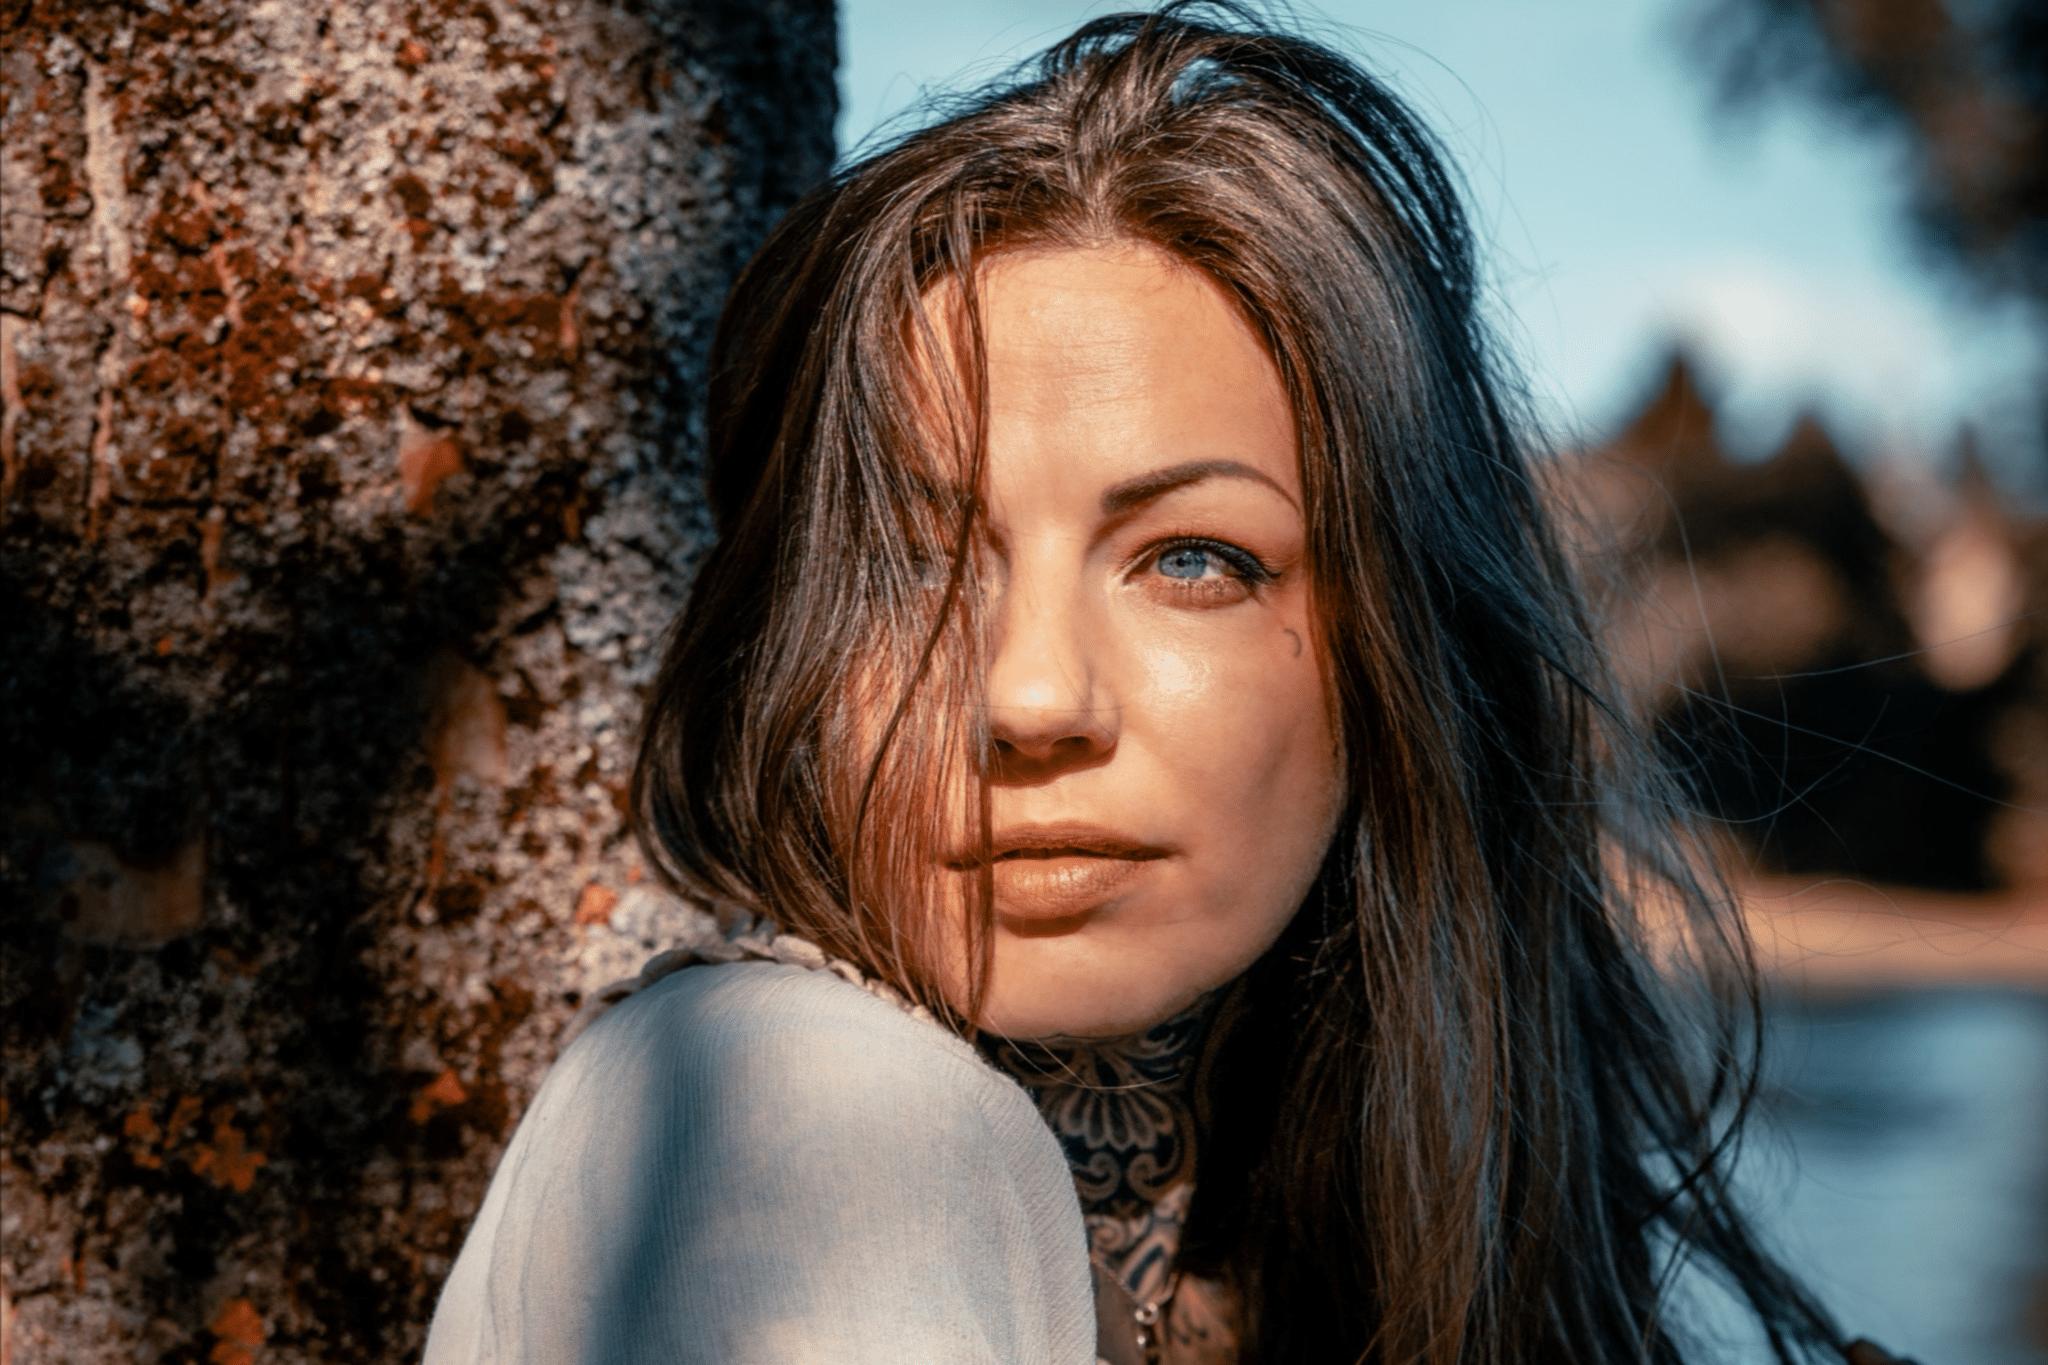 Bilde av Sally-Ann Eilertsen, en mørkhåret og lyshudet kvinne. Hun lener seg inntil et tre, og ansiktet treffes av varmt lys.